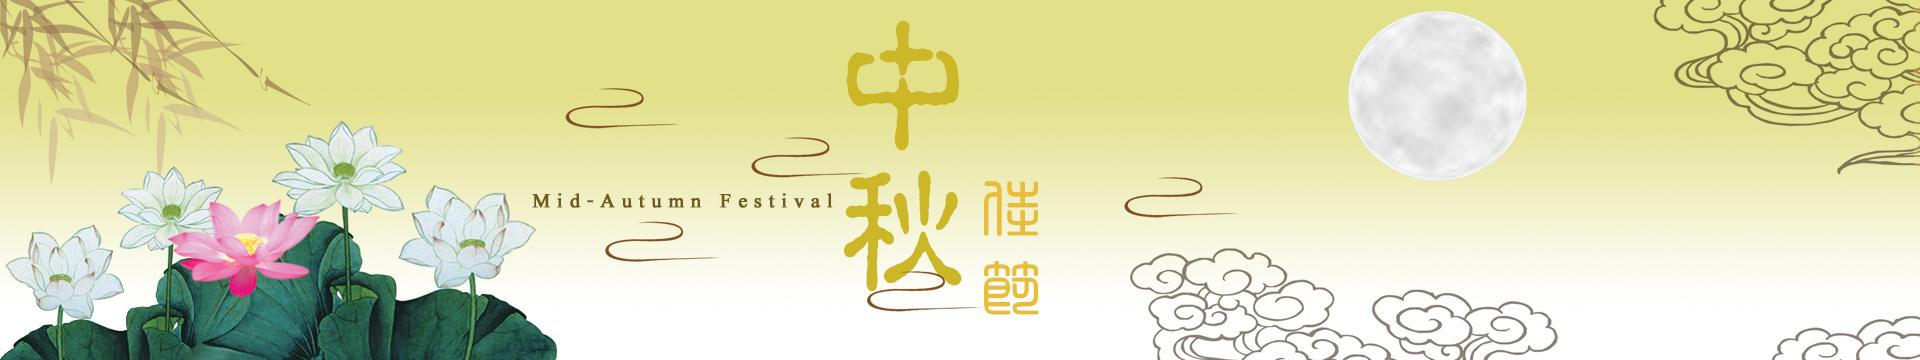 2017中秋佳节